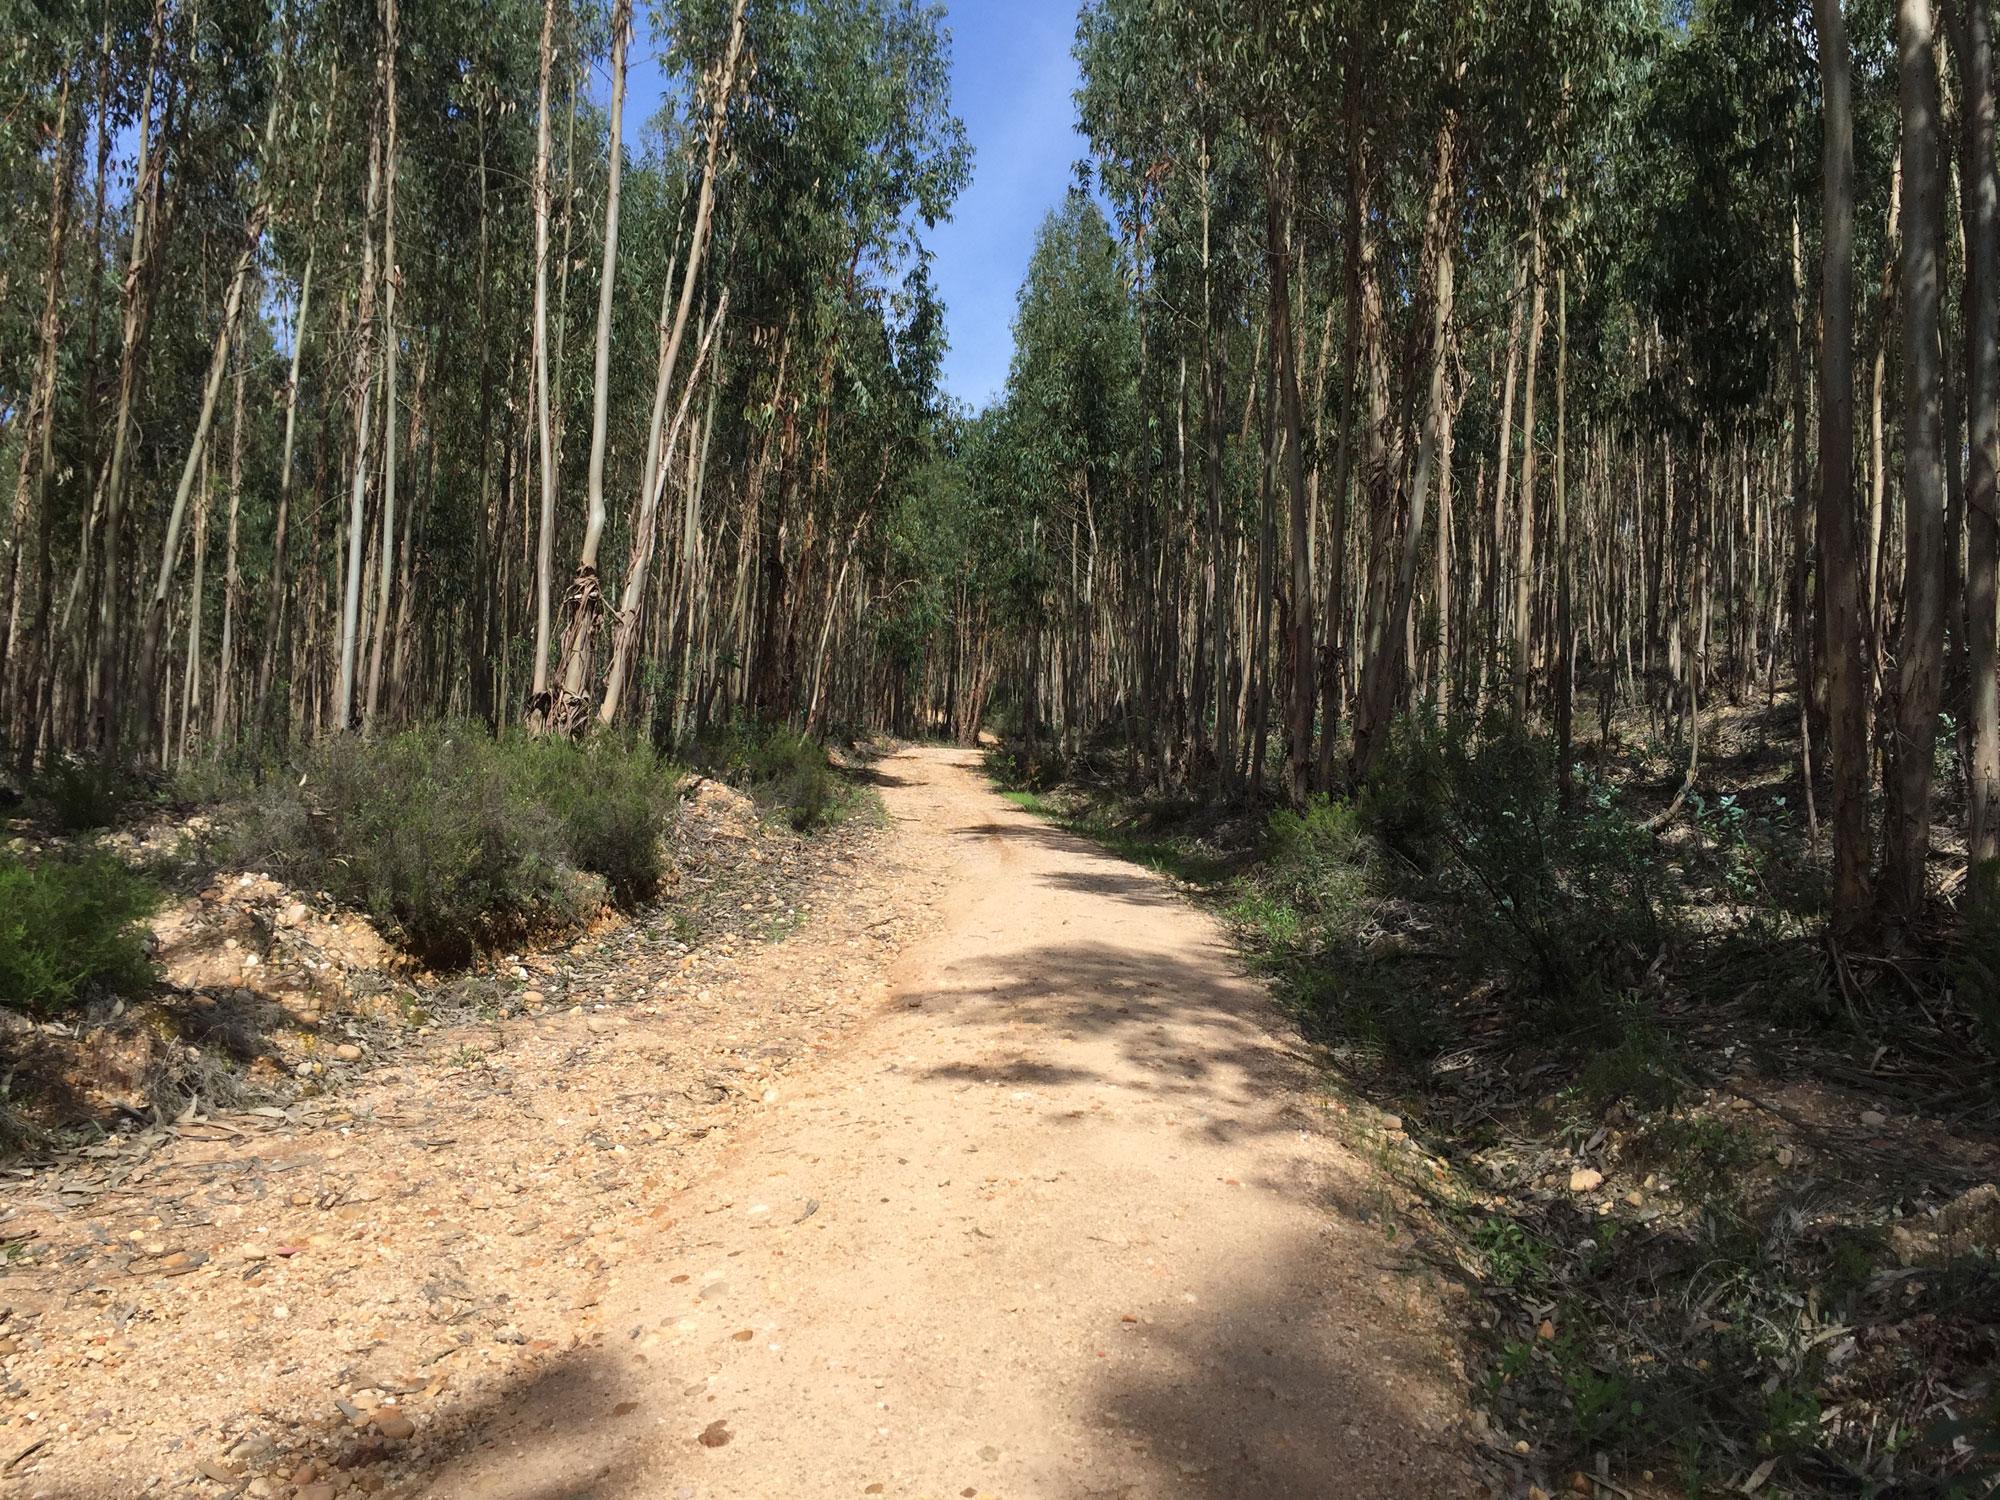 Eukalyptuswald irgendwo im Nichts südlich von Tomar